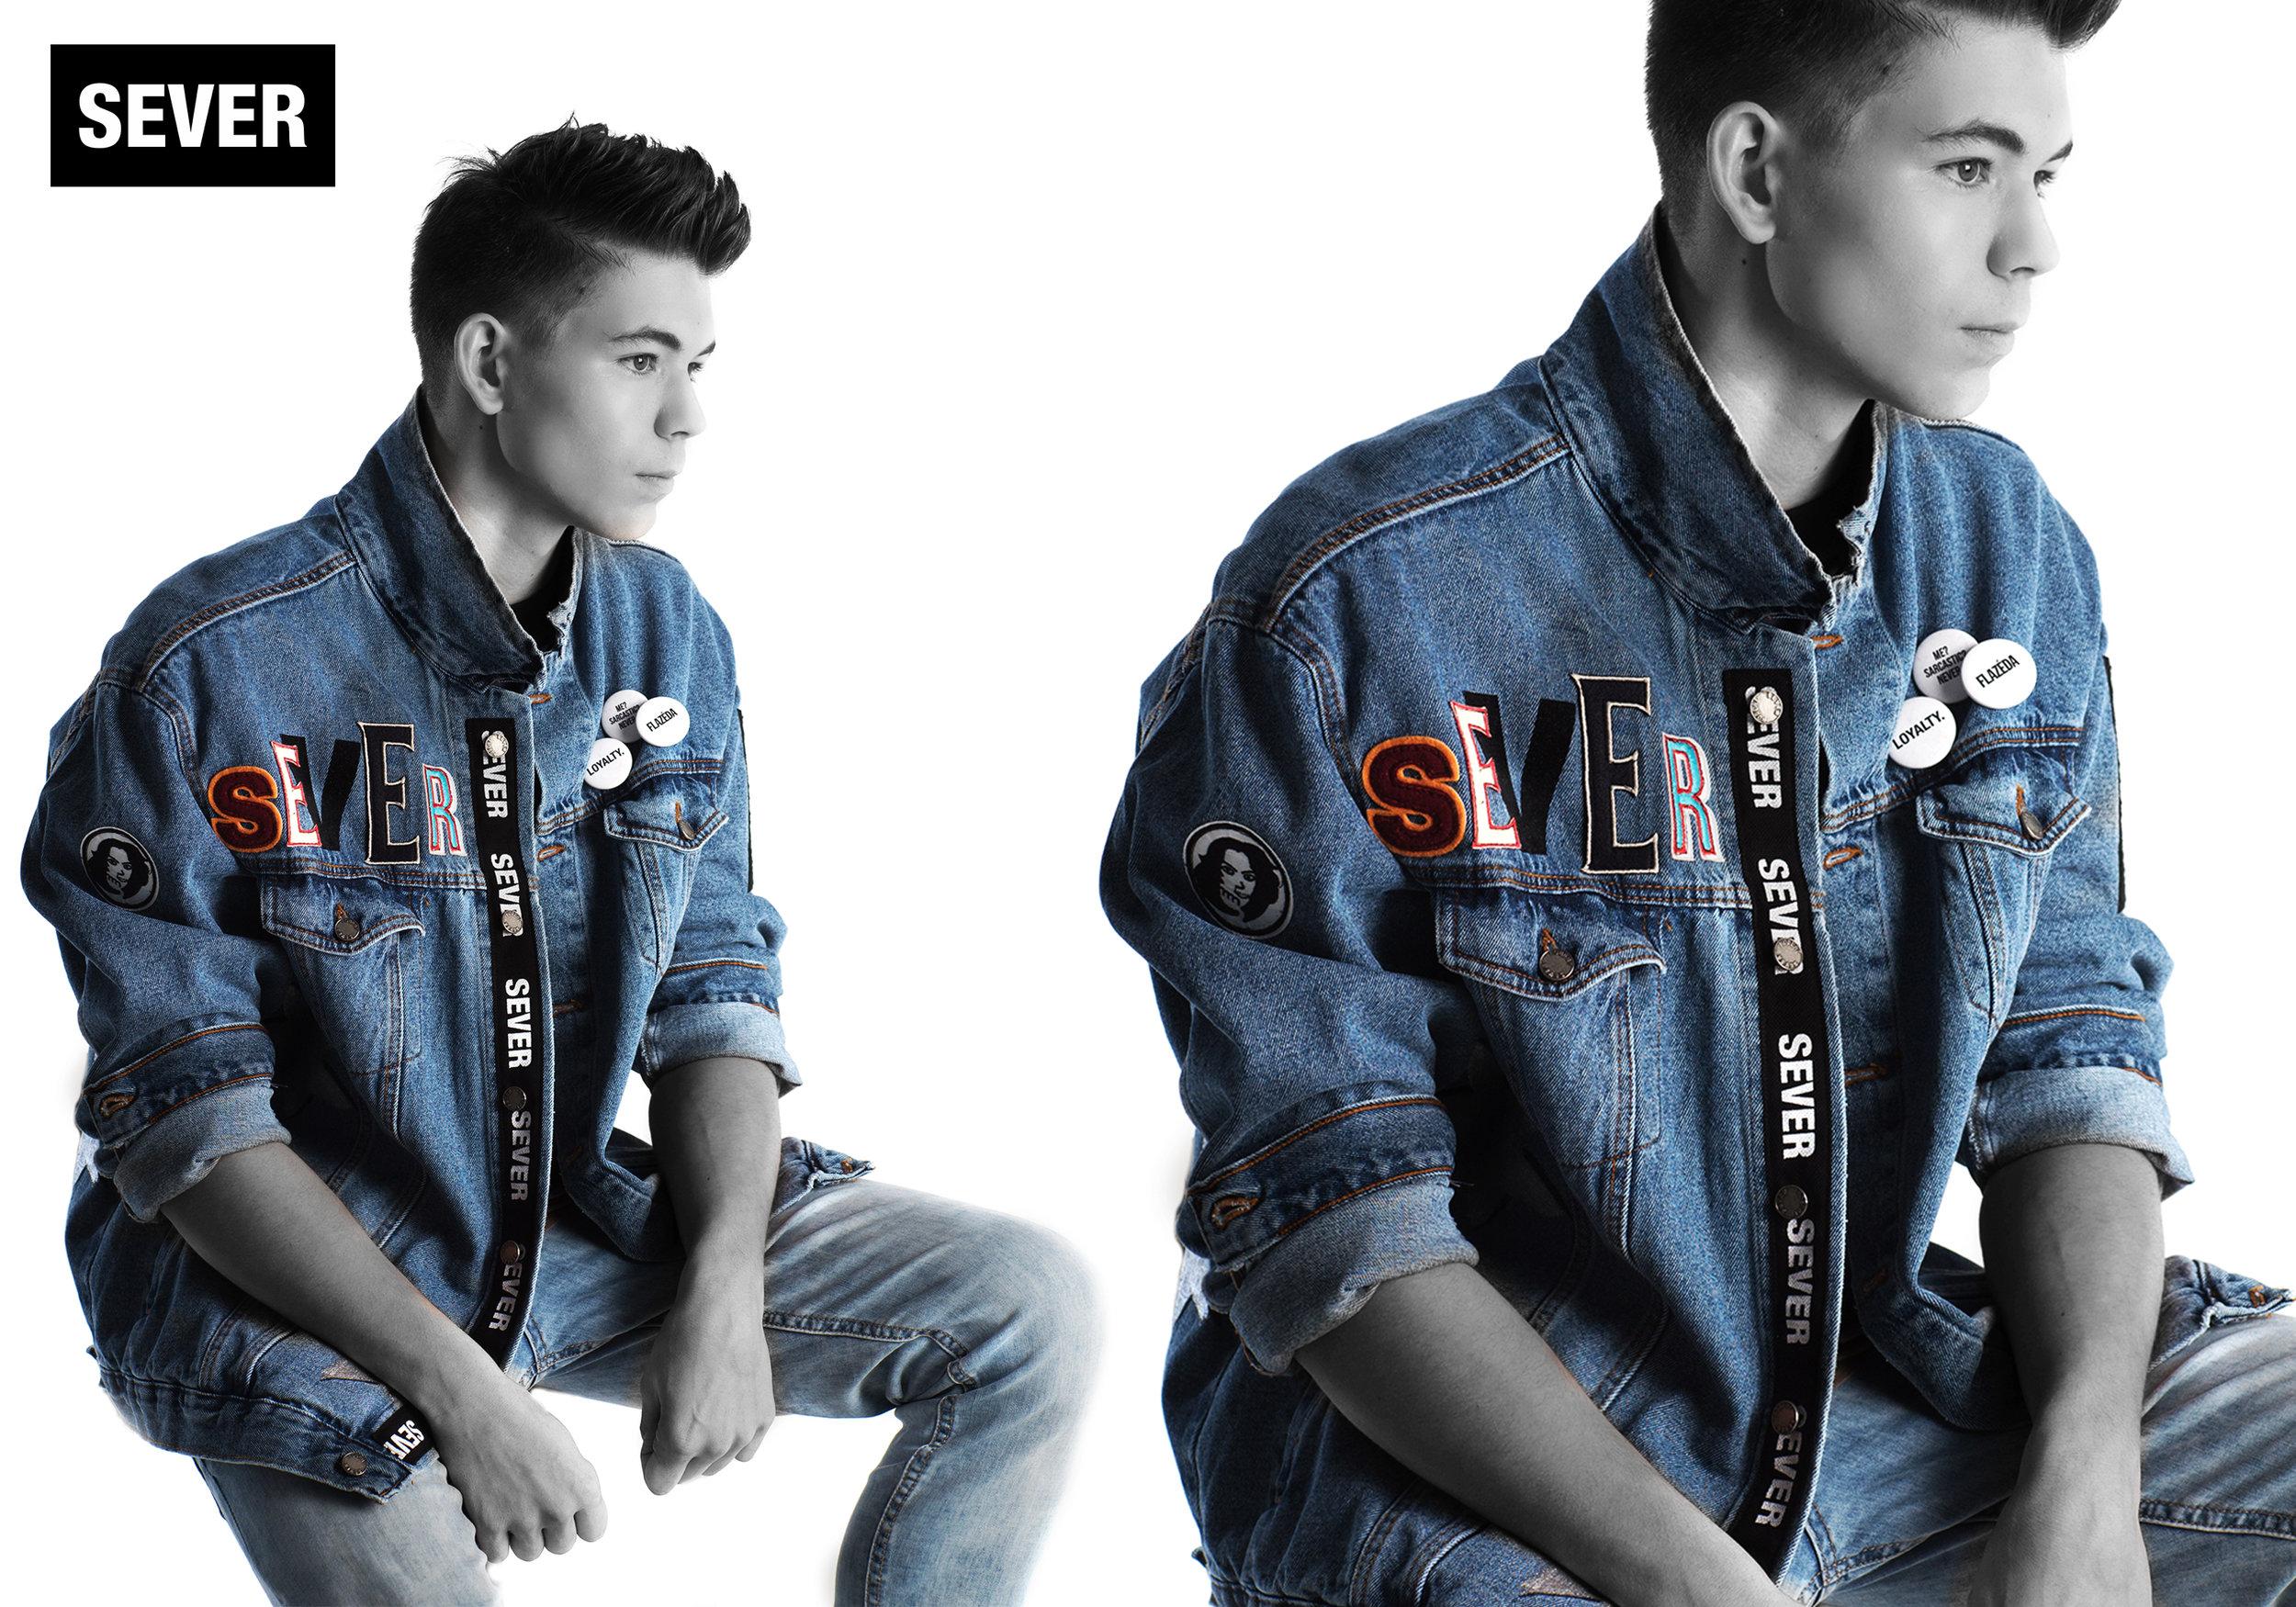 robert-sever-streetwear-kolekcija-2018-hrvatski-dizajner (3).jpg